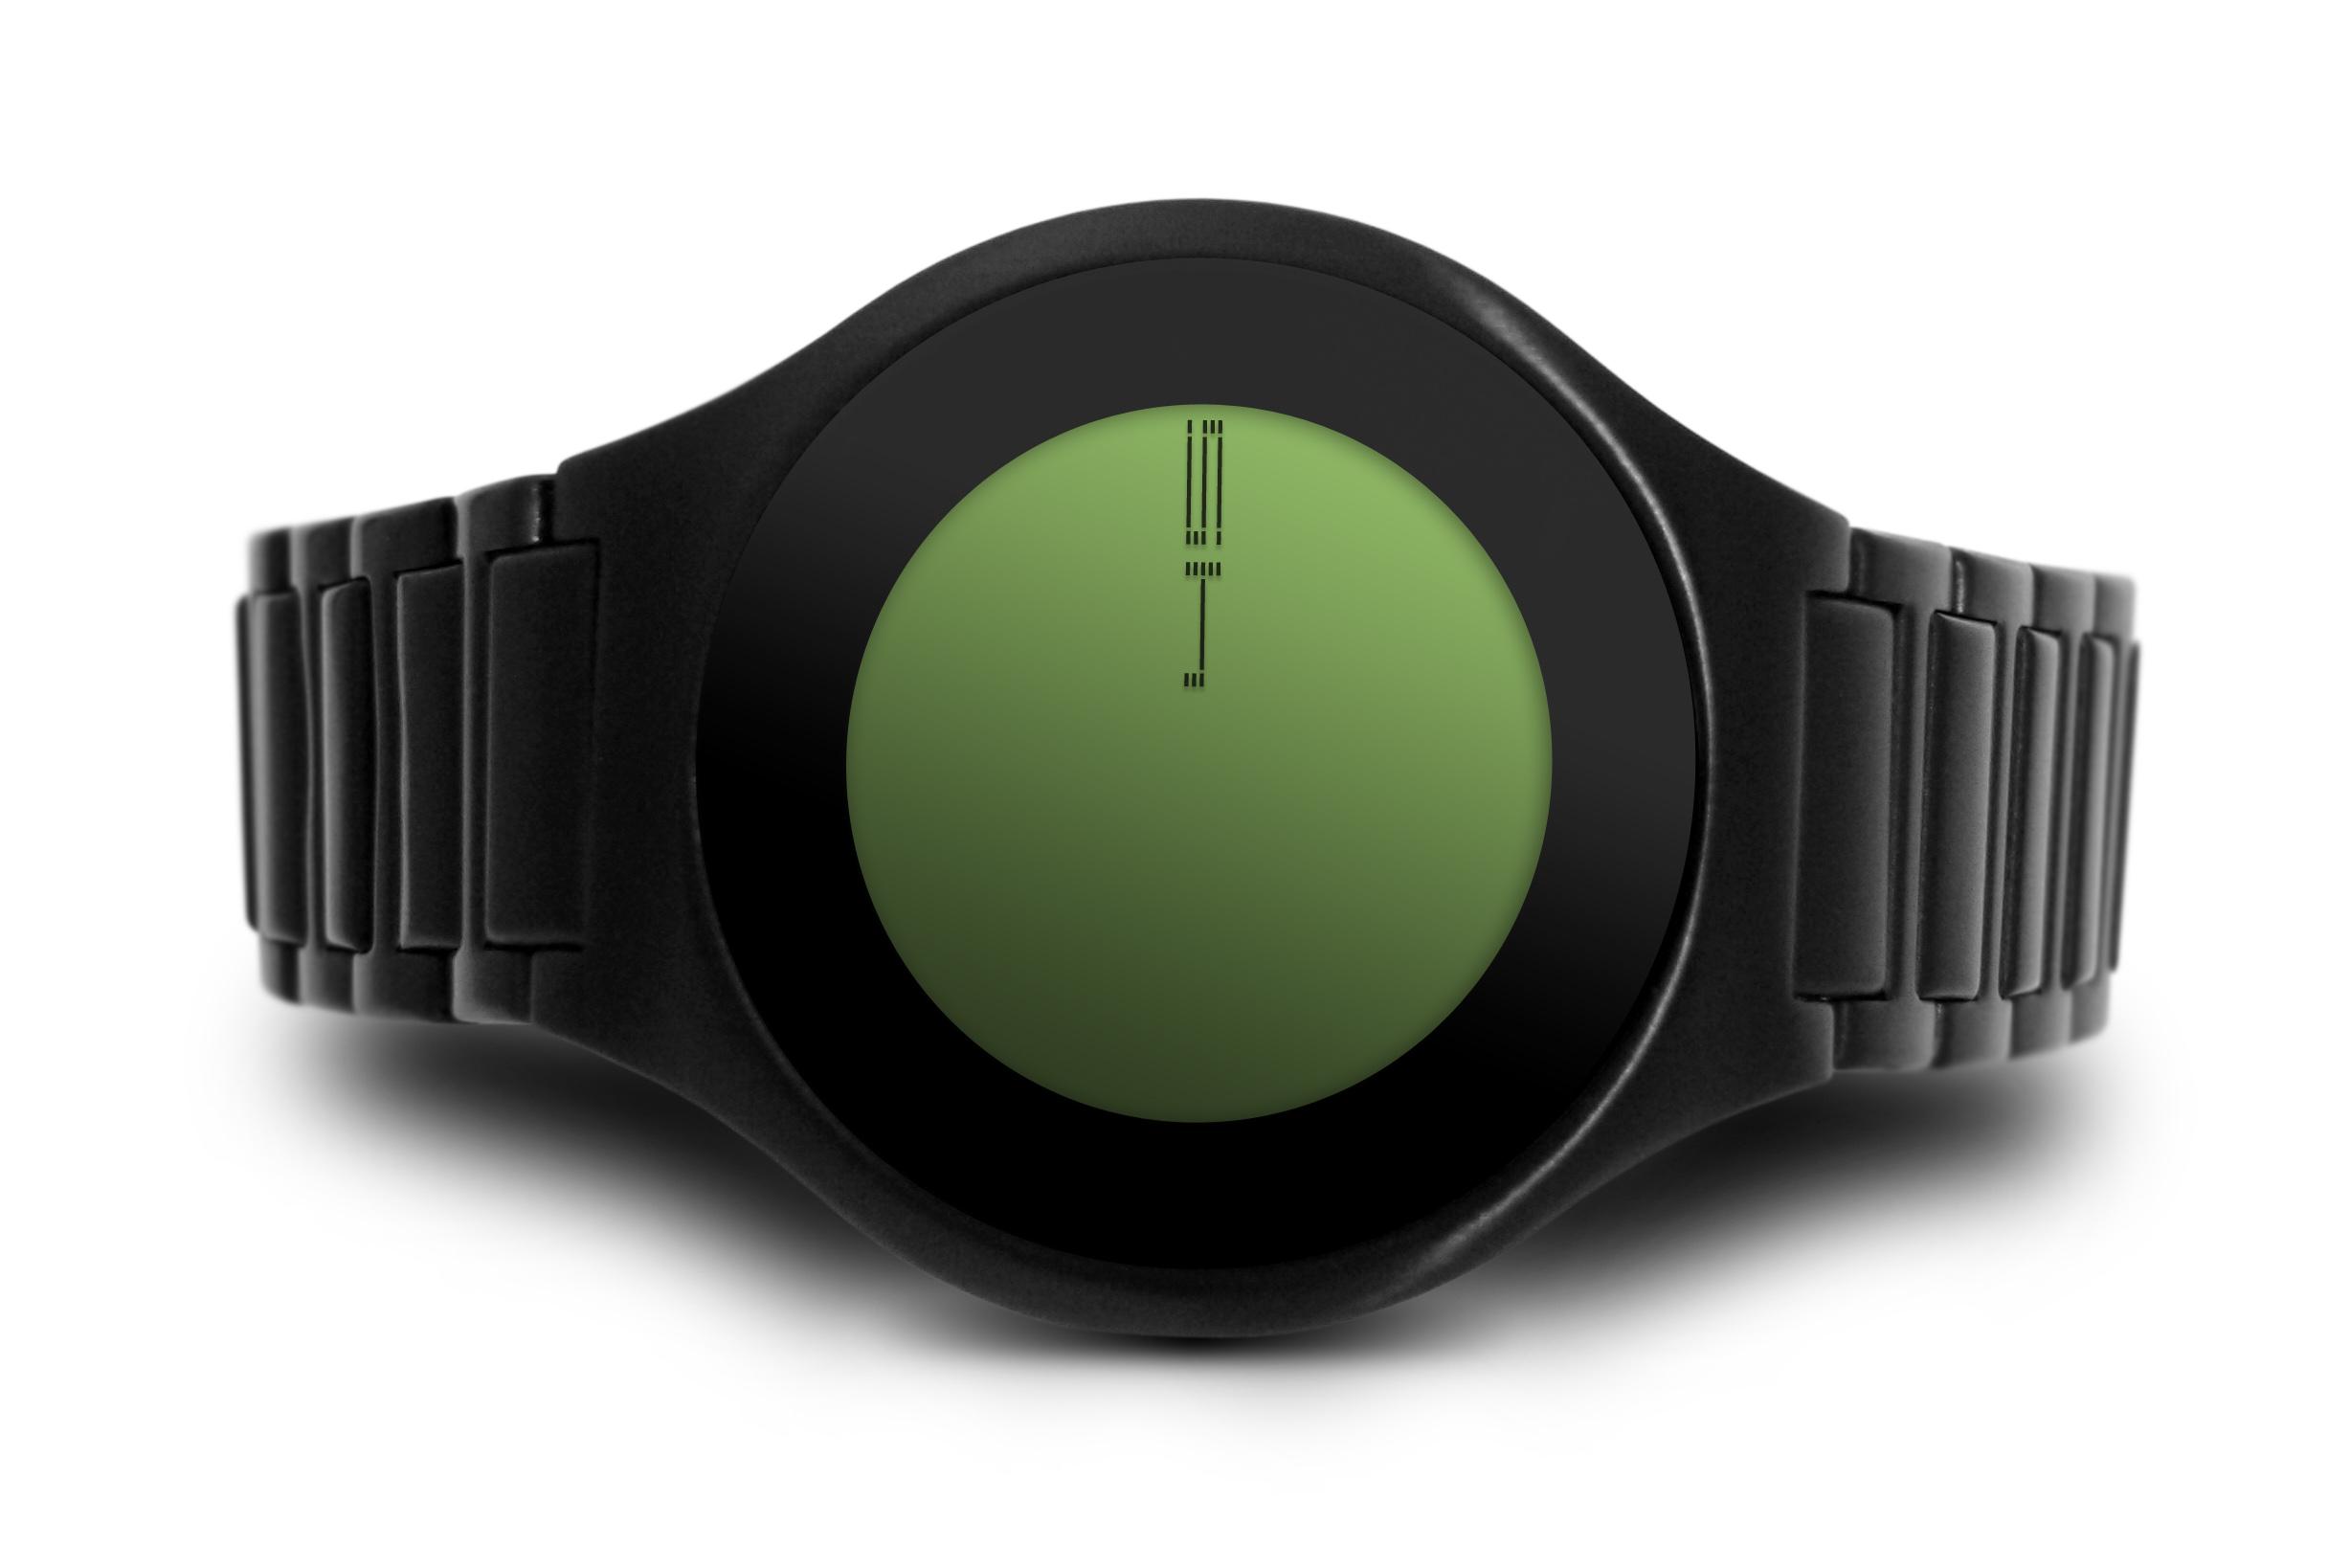 kisai on air par tokyoflash une montre l 39 heure du futur geekattitude. Black Bedroom Furniture Sets. Home Design Ideas